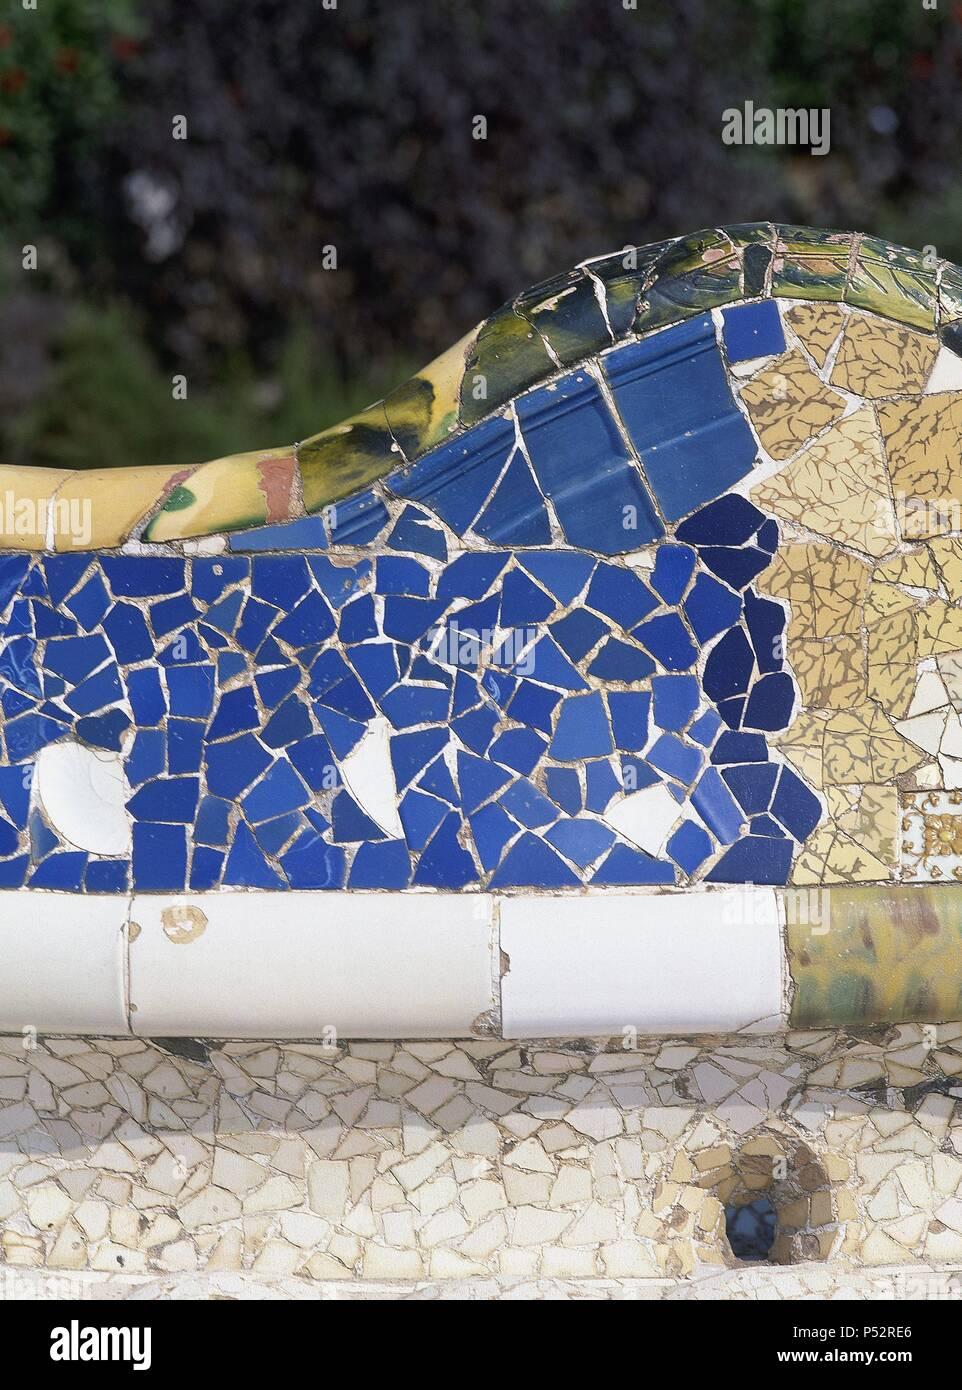 ARTE SIGLO XIX. El modernismo. ESPAÑA. Antoni Gaudí (Reus, 1852 - Barcelona, 1926). Arquitecto catalán, figura clave del modernismo. El Parque Güell (1900-1914). Concebido como una iniciativa del banquero ciudadjardín Eusebi Güell. Detalle del gran BANCO ONDULADO DE CERAMICA, en cuya decoración also intervino Josep Maria Jujol. BARCELONA. Cataluña. Imagen De Stock